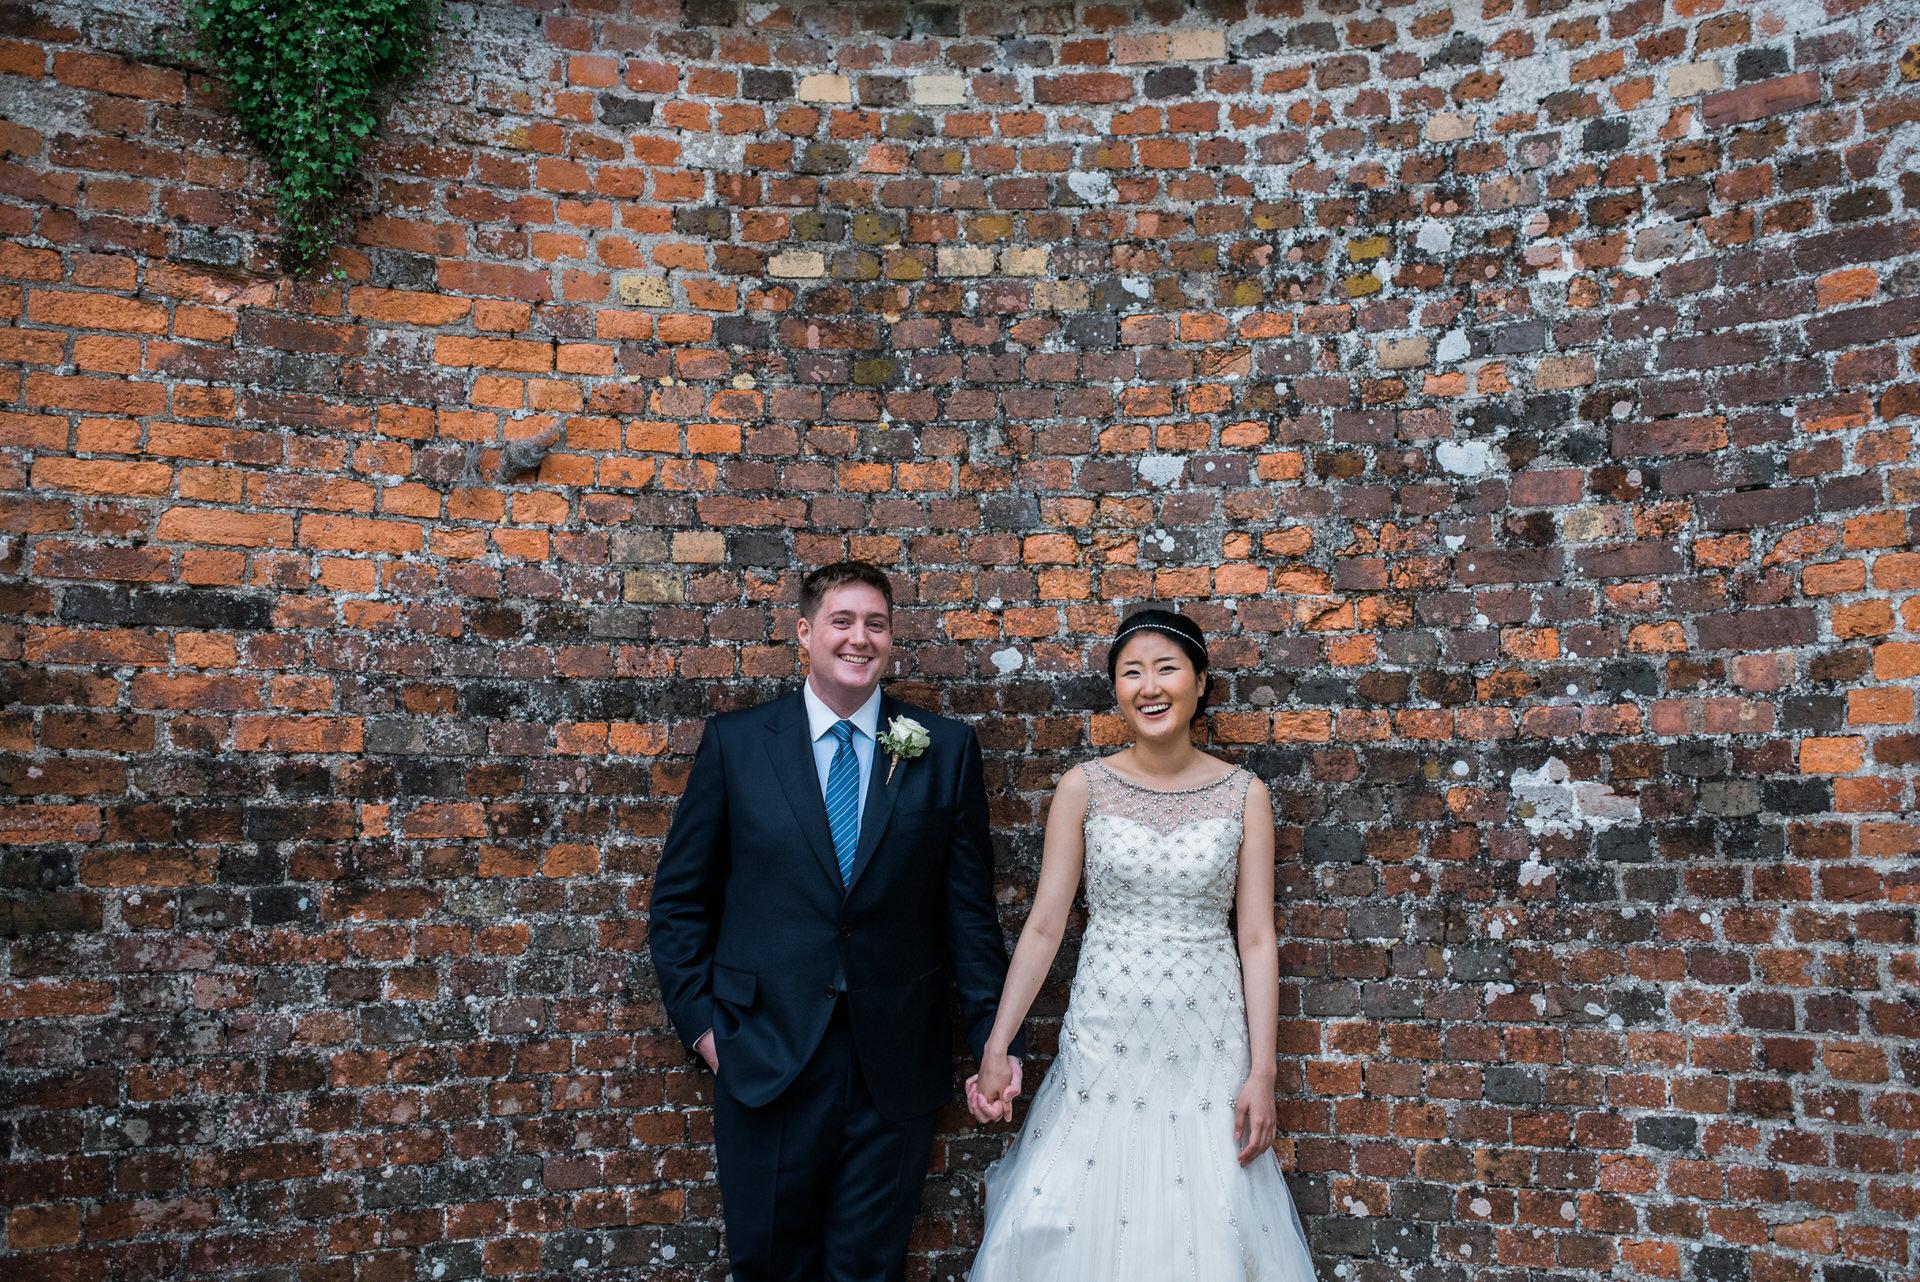 newlyweds Charlton House wedding photography